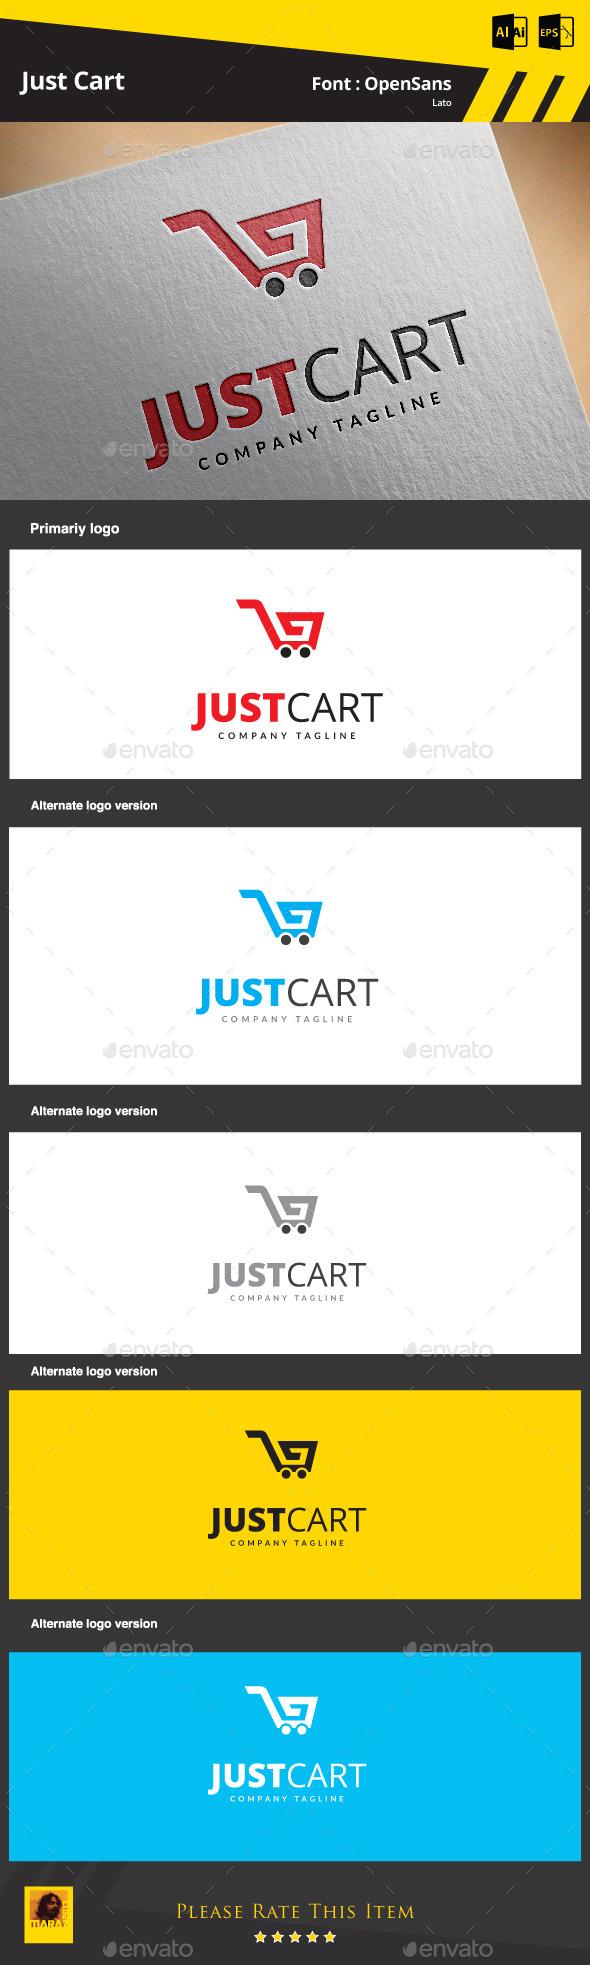 Just Cart - Symbols Logo Templates